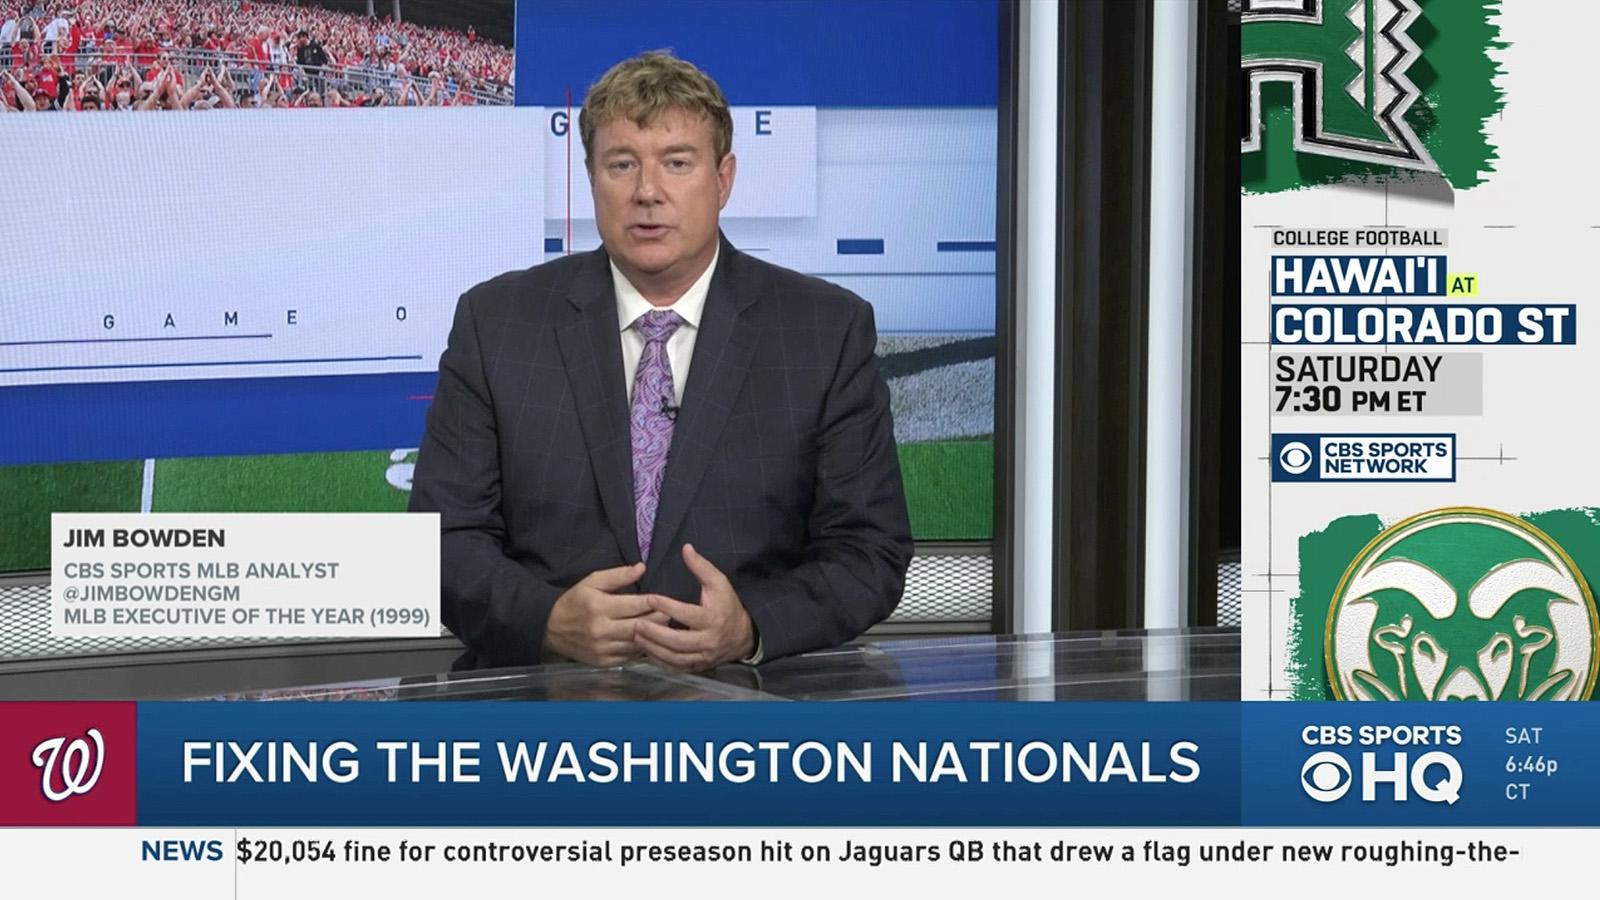 ncs_CBS-Sports-HQ_0025